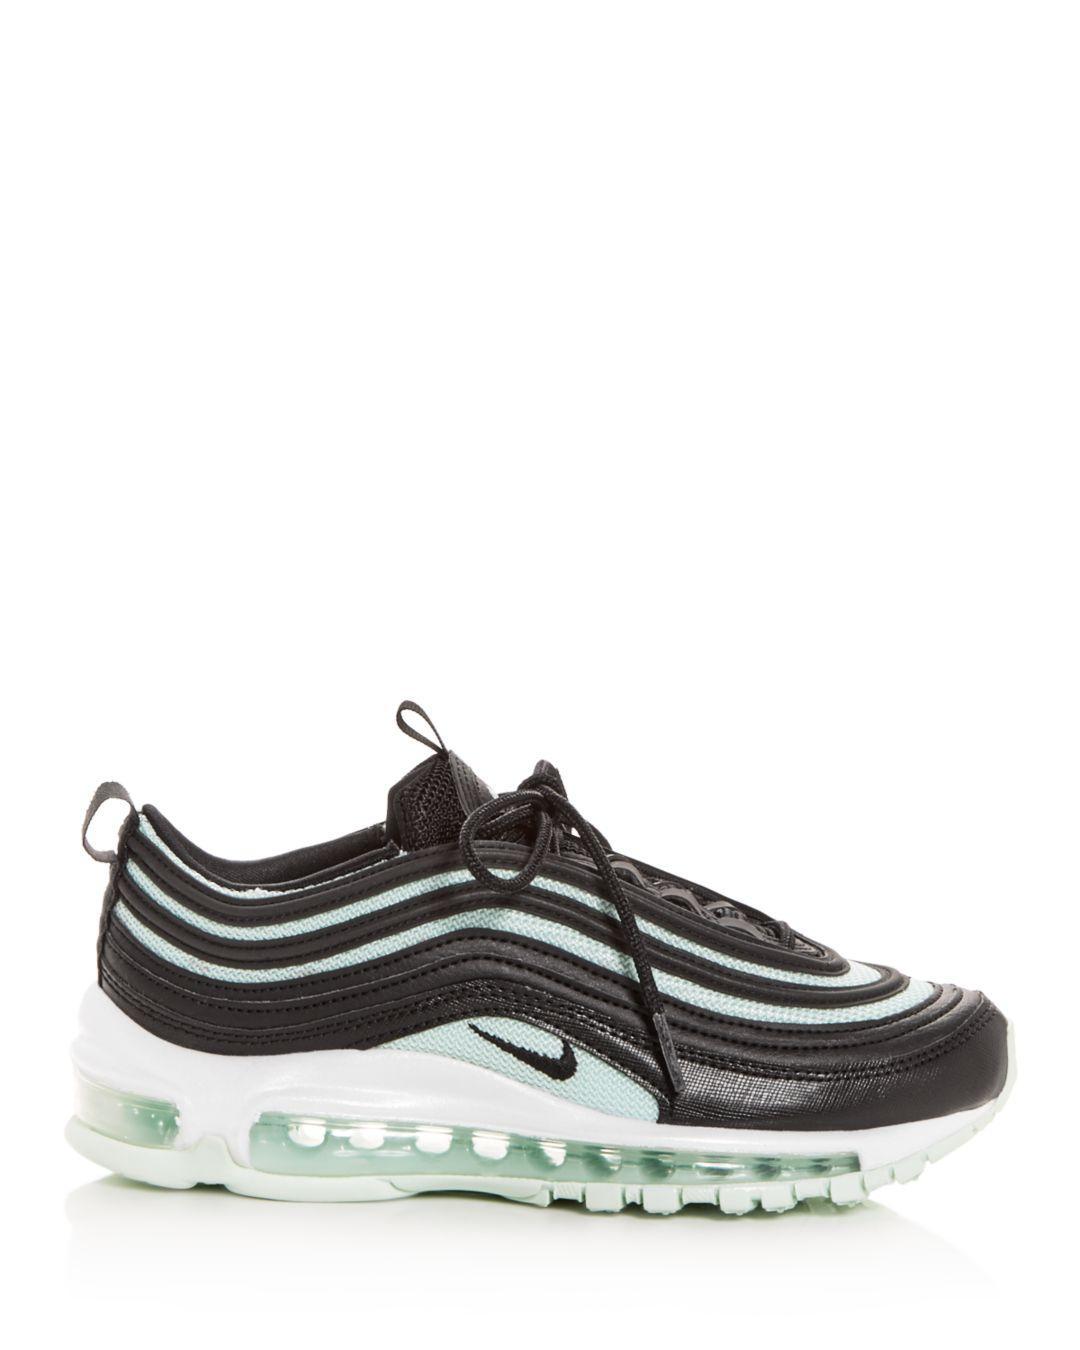 Black Women's Air Max 97 Low Top Sneakers